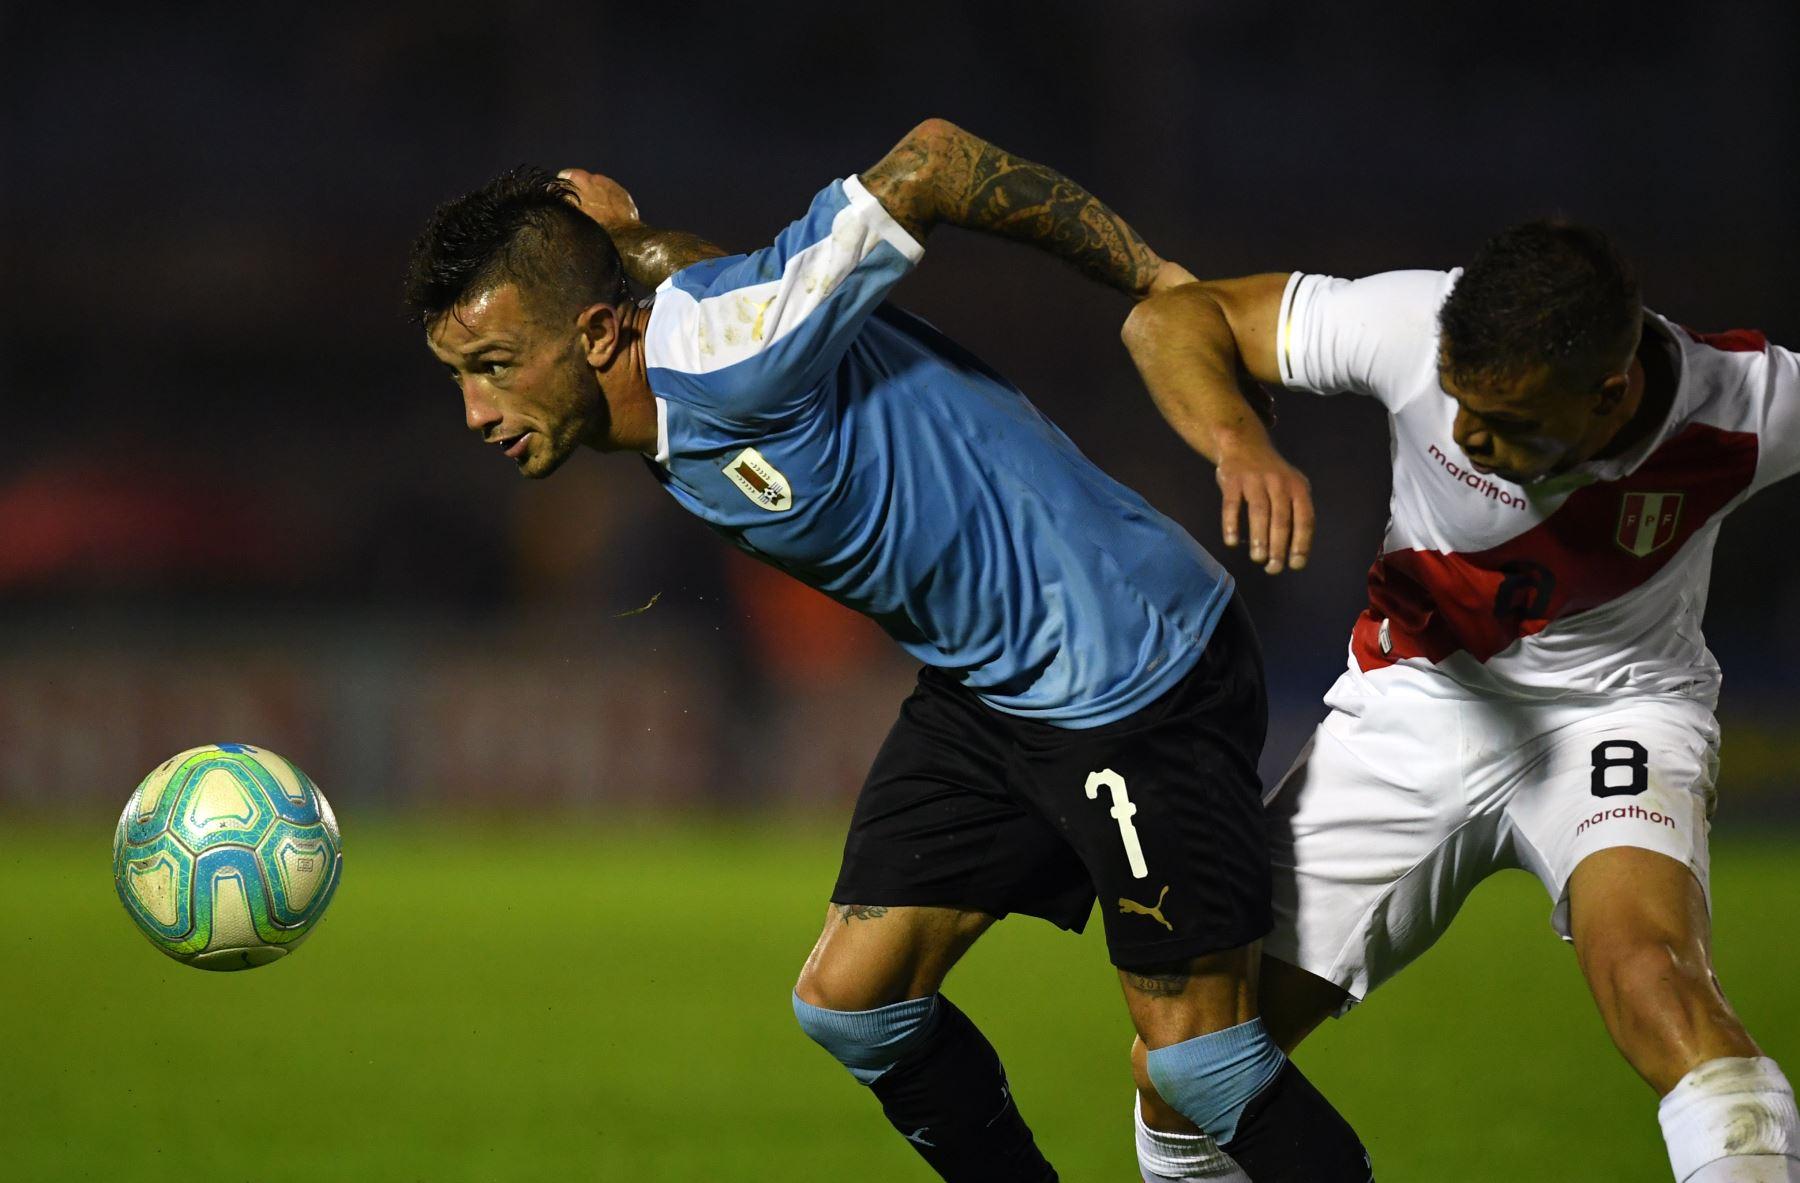 El centrocampista uruguayo Brian Lozano compite por el balón con el delantero peruano Gabriel Costa. Foto: AFP